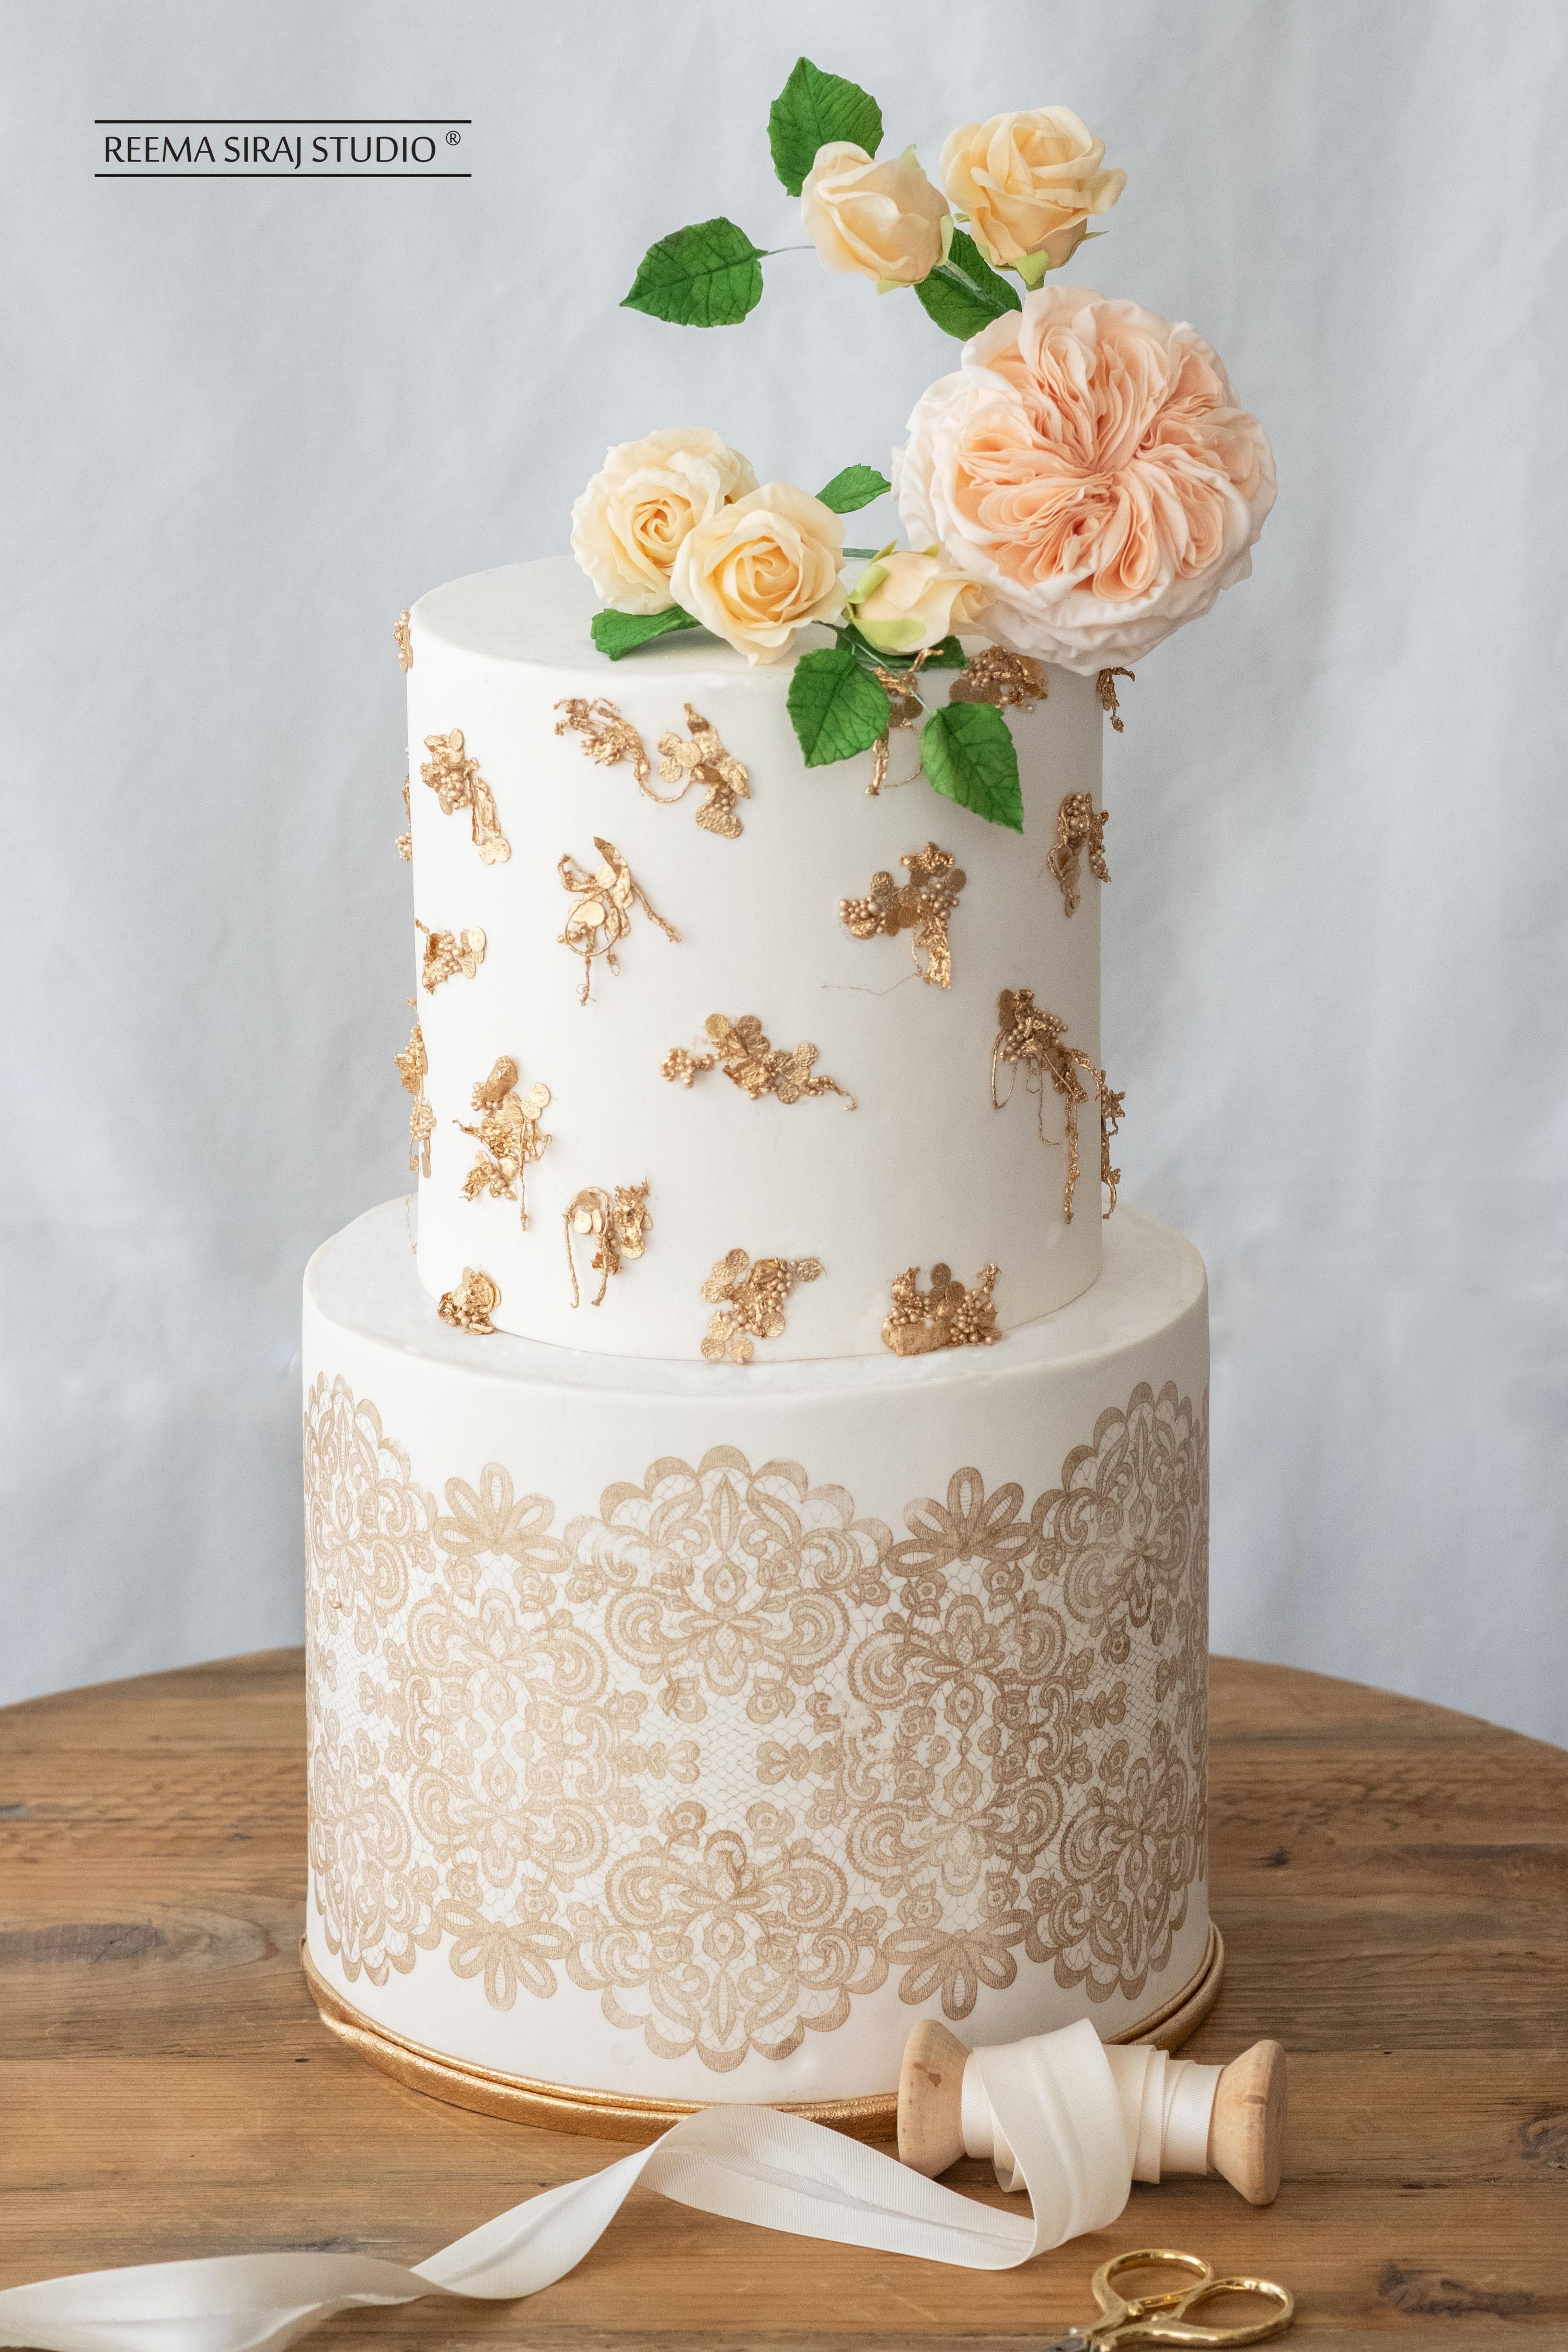 White fondant wedding cake with gold detailing